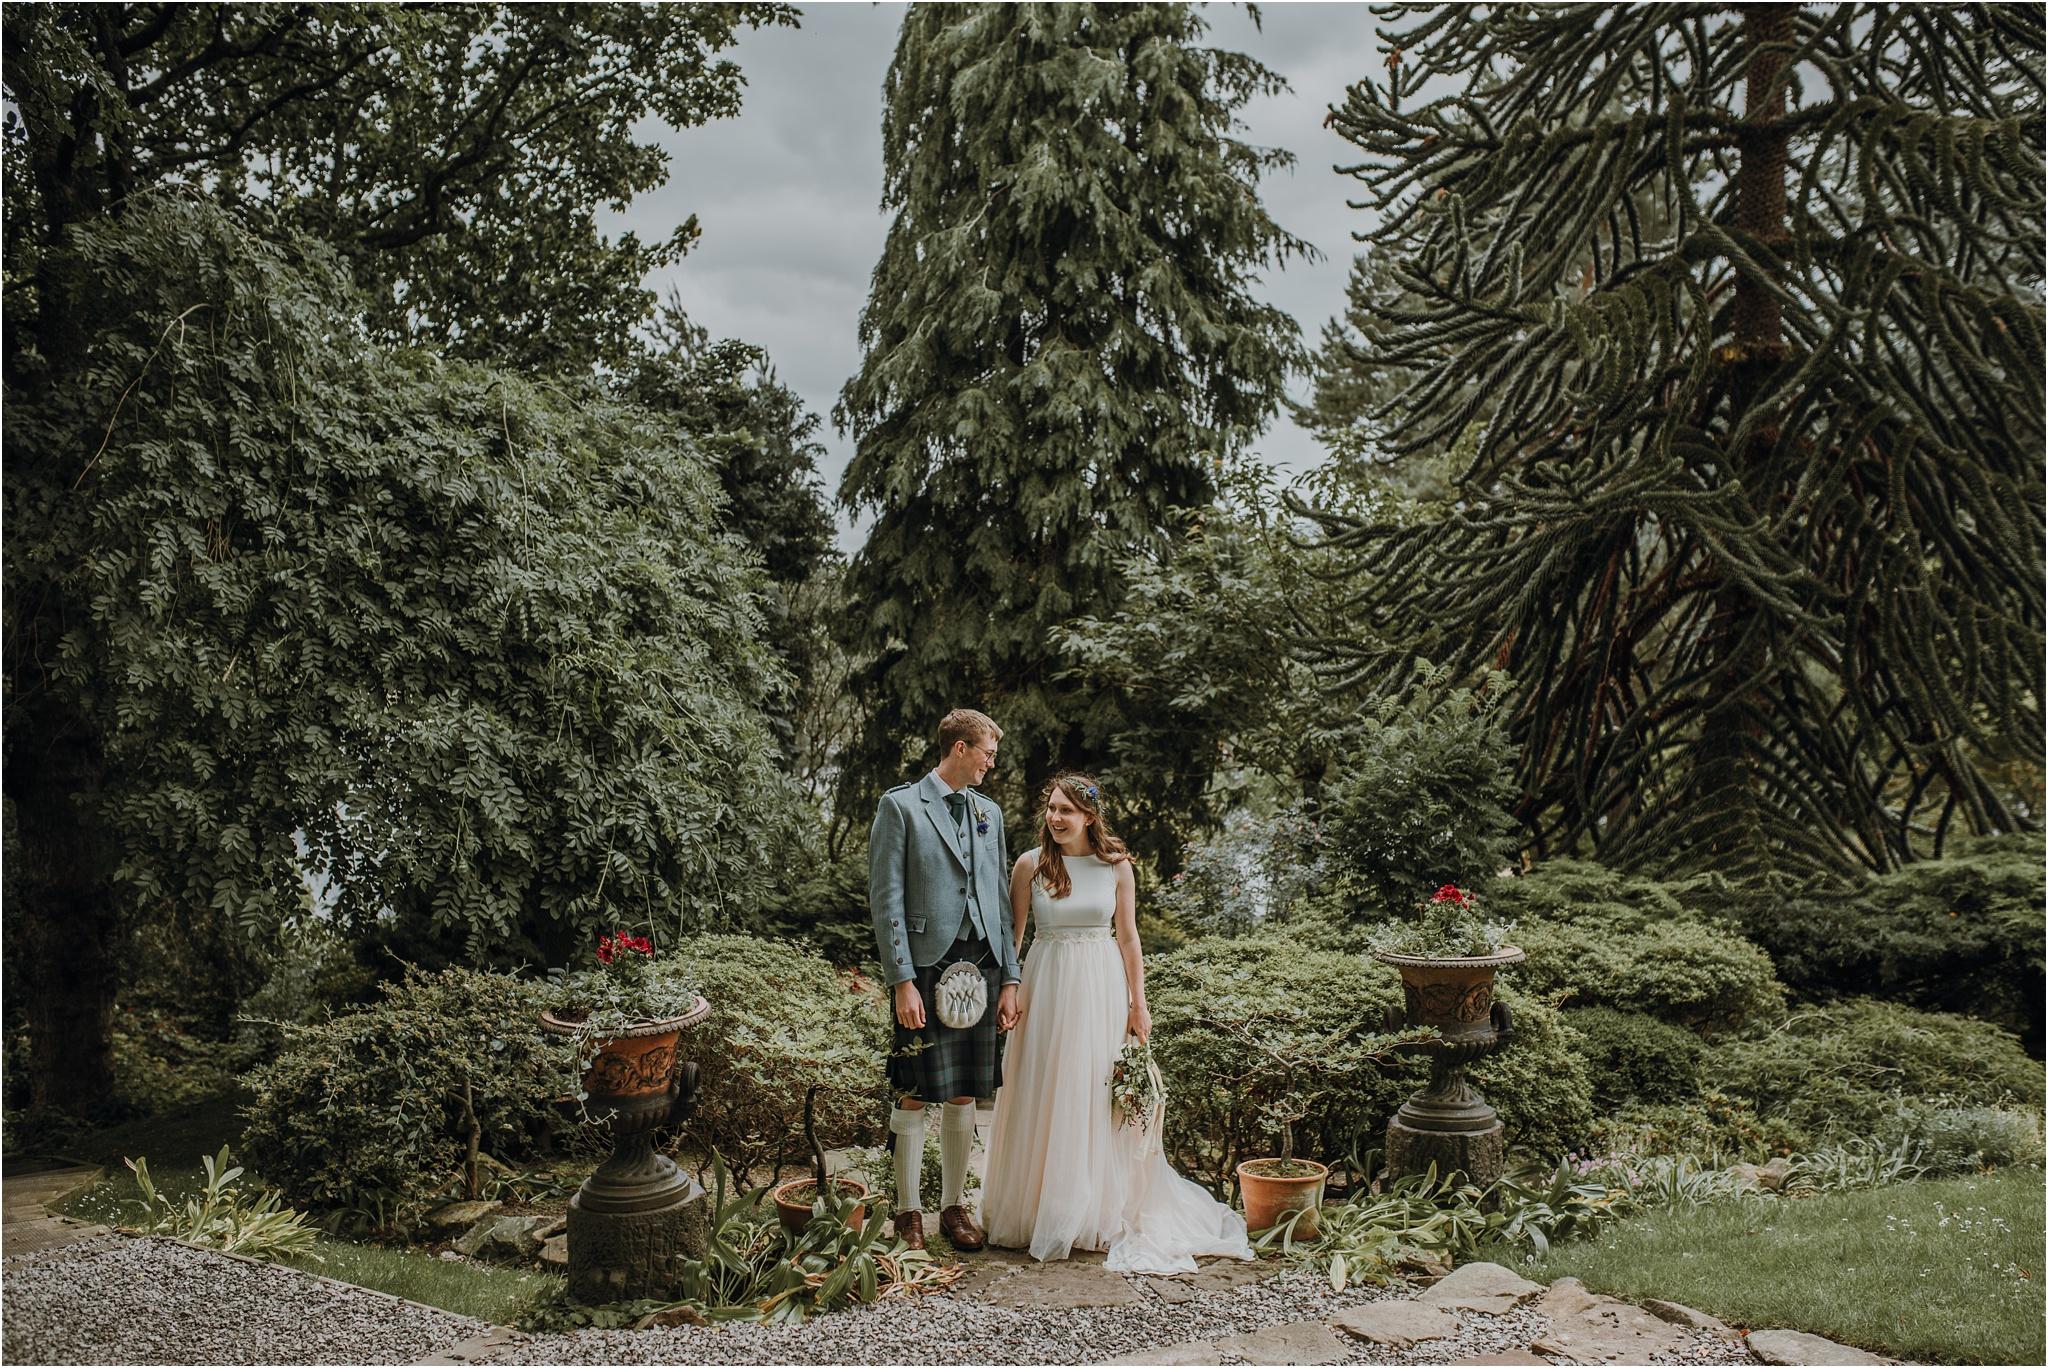 Edinburgh-barn-wedding-photographer_78.jpg